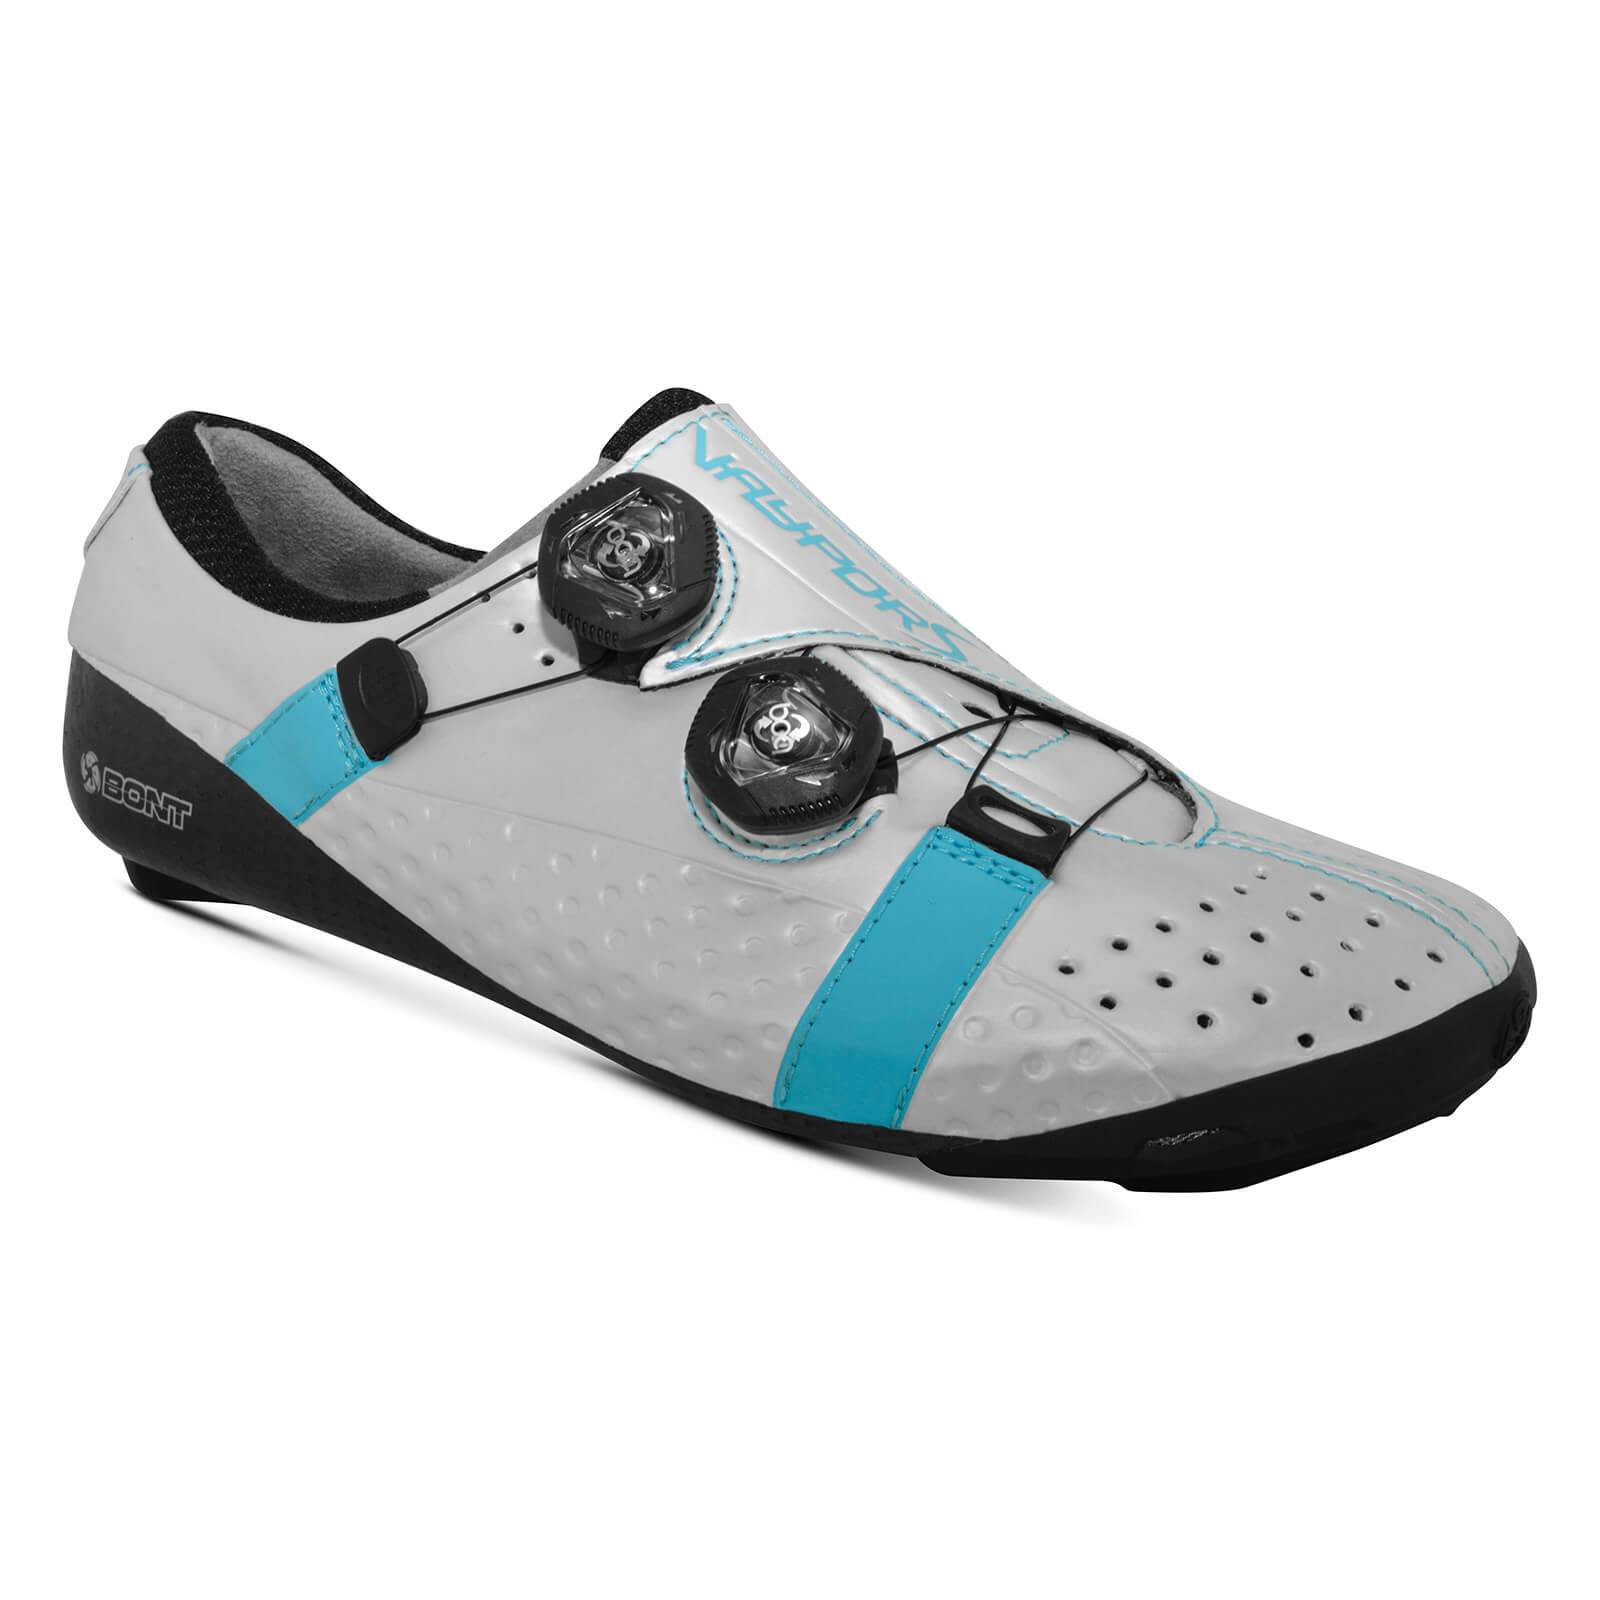 Bont Vaypor S Road Shoes - EU 42 - Standard Fit - White/Blue